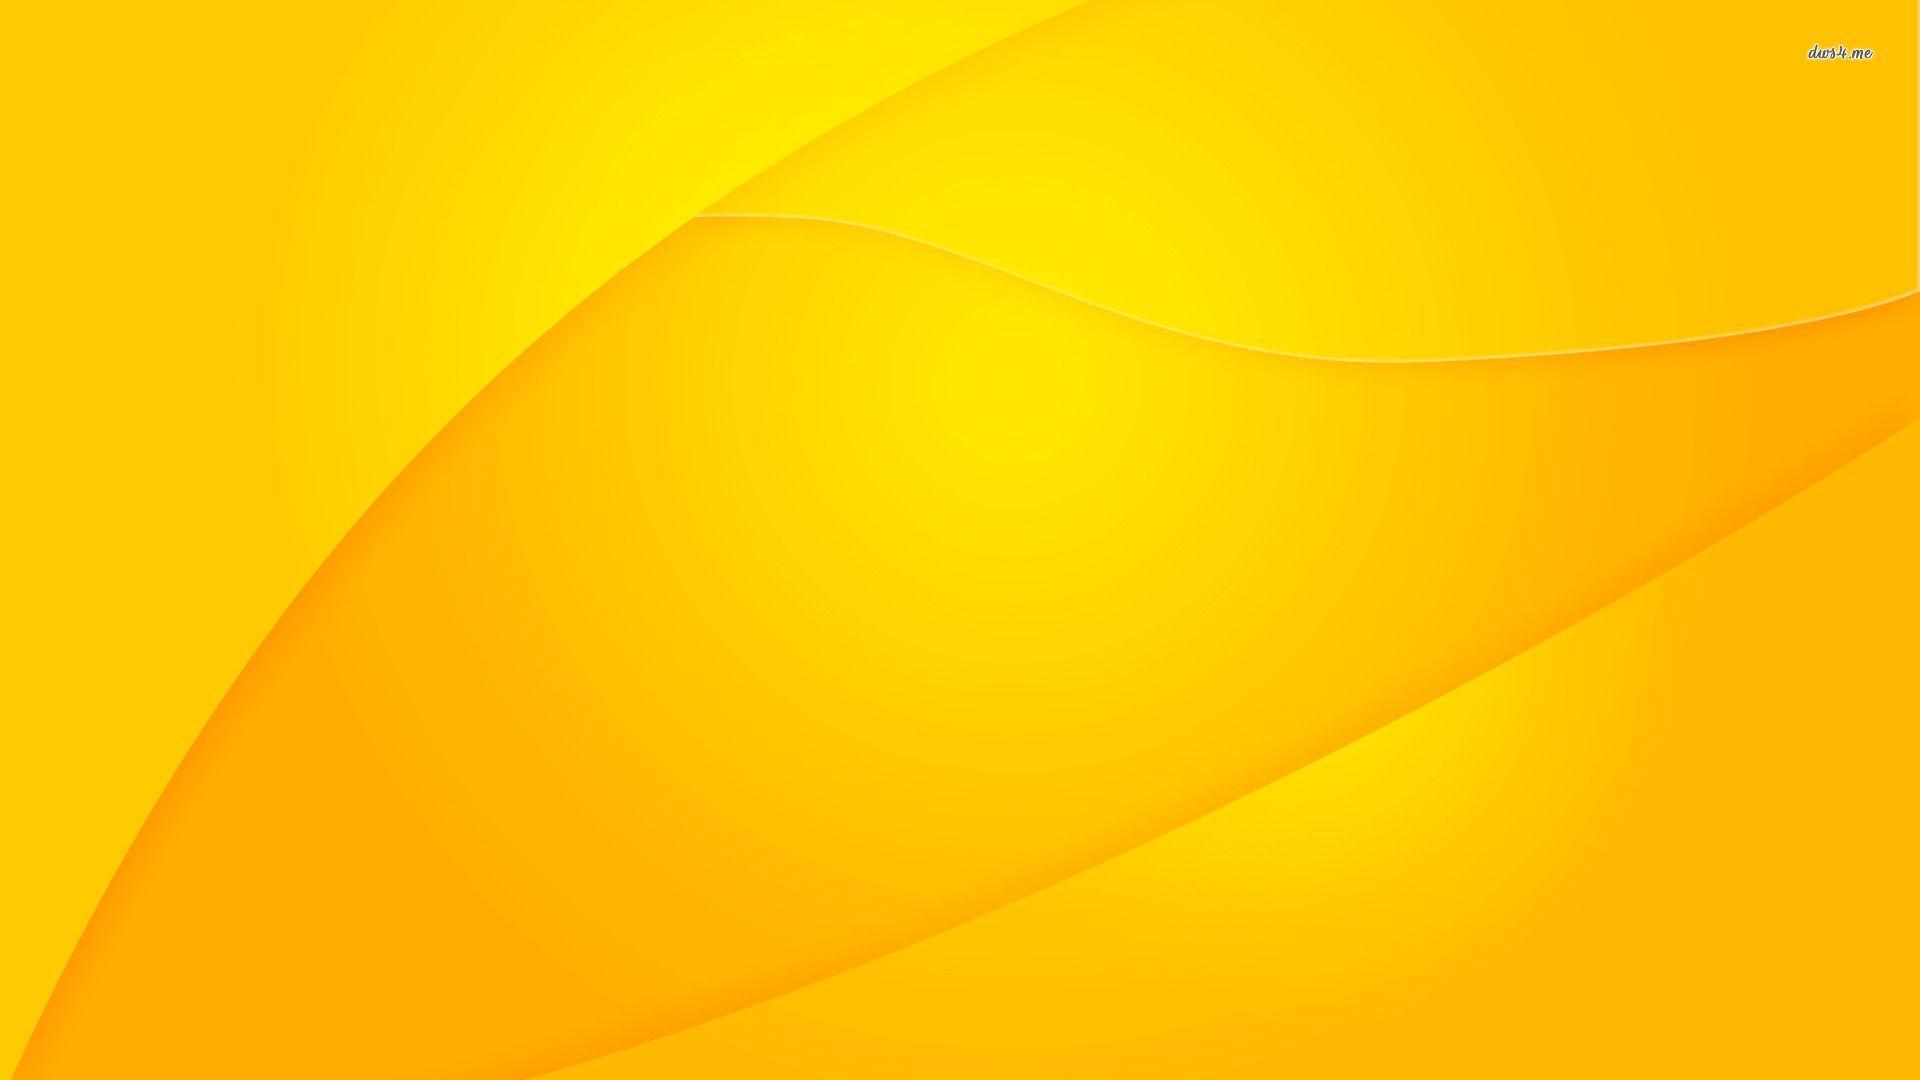 1920x1080 Hình nền vàng HD U9YGV